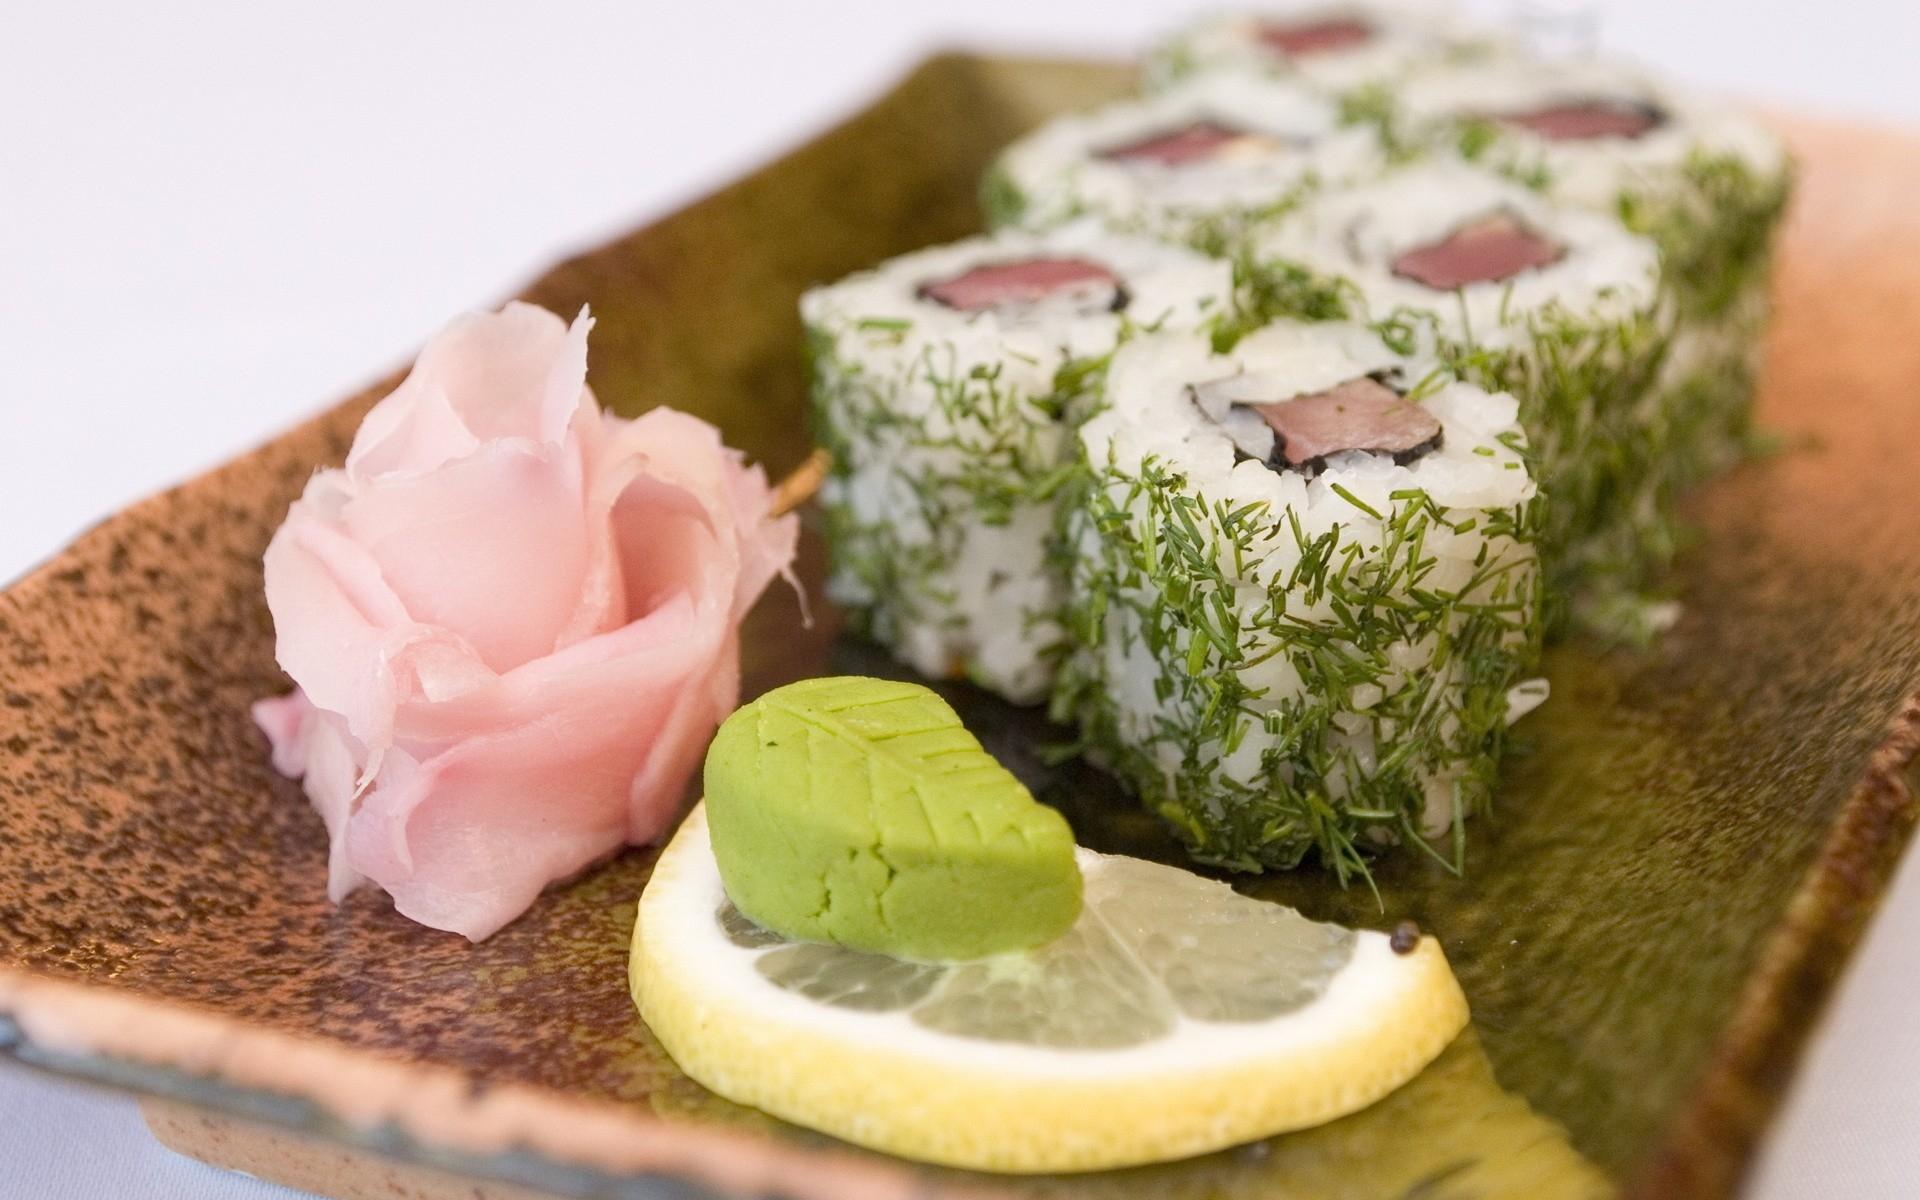 Fondos de pantalla  comida postre arroz Wasabi limn